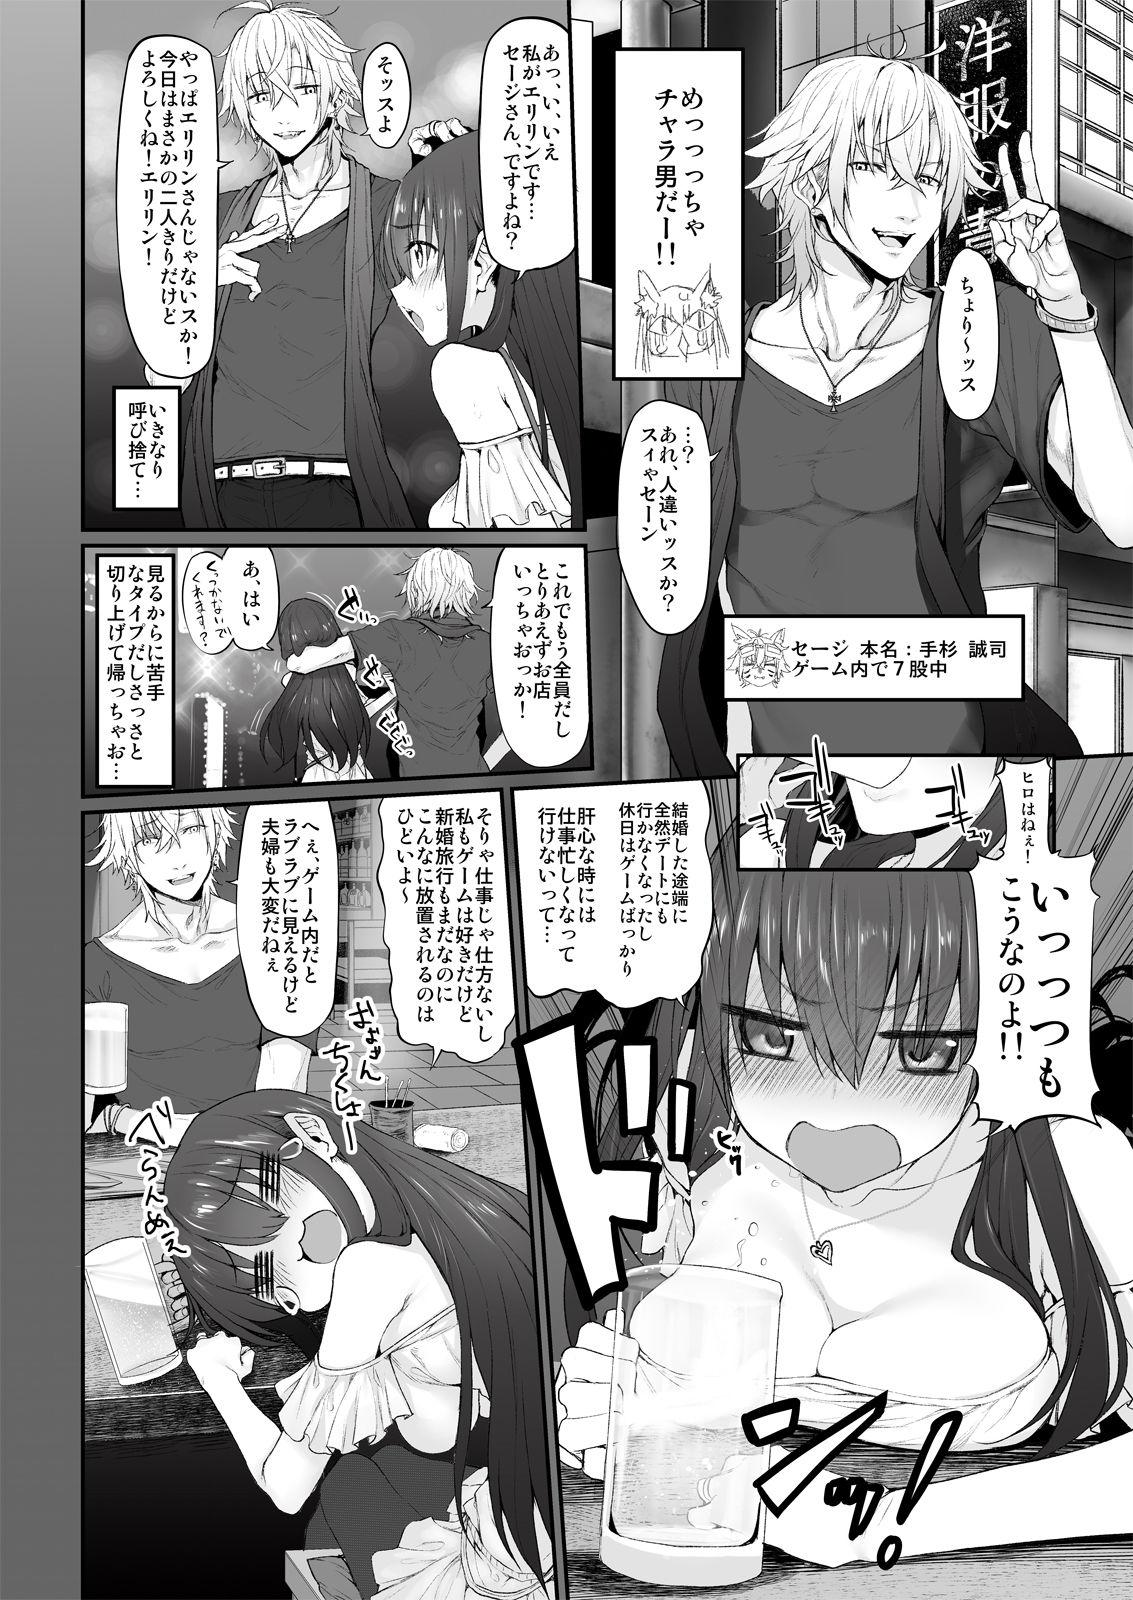 ネトリア Marked-girls Origin Vol.2